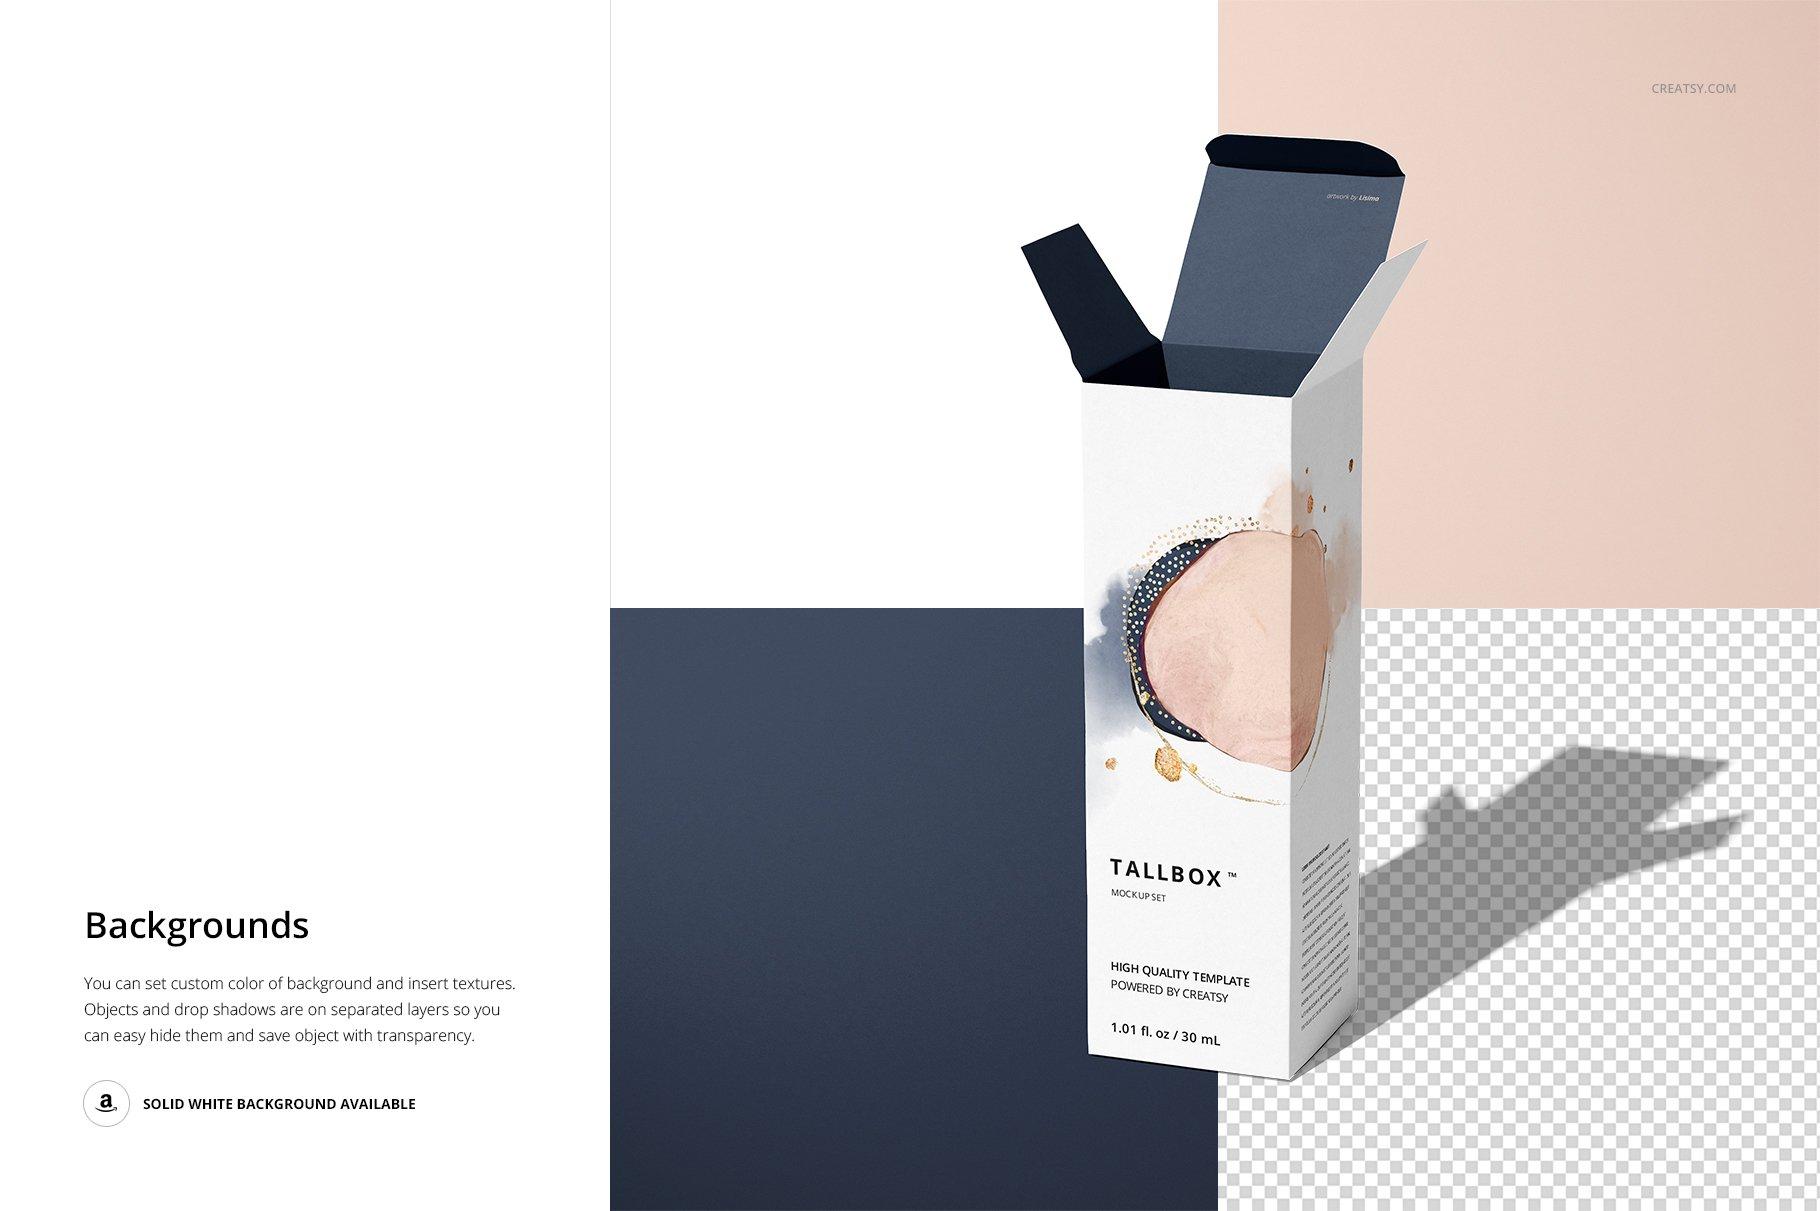 极简方形产品包装纸盒设计PS智能贴图样机合集 Tall Box Mockup Set插图11